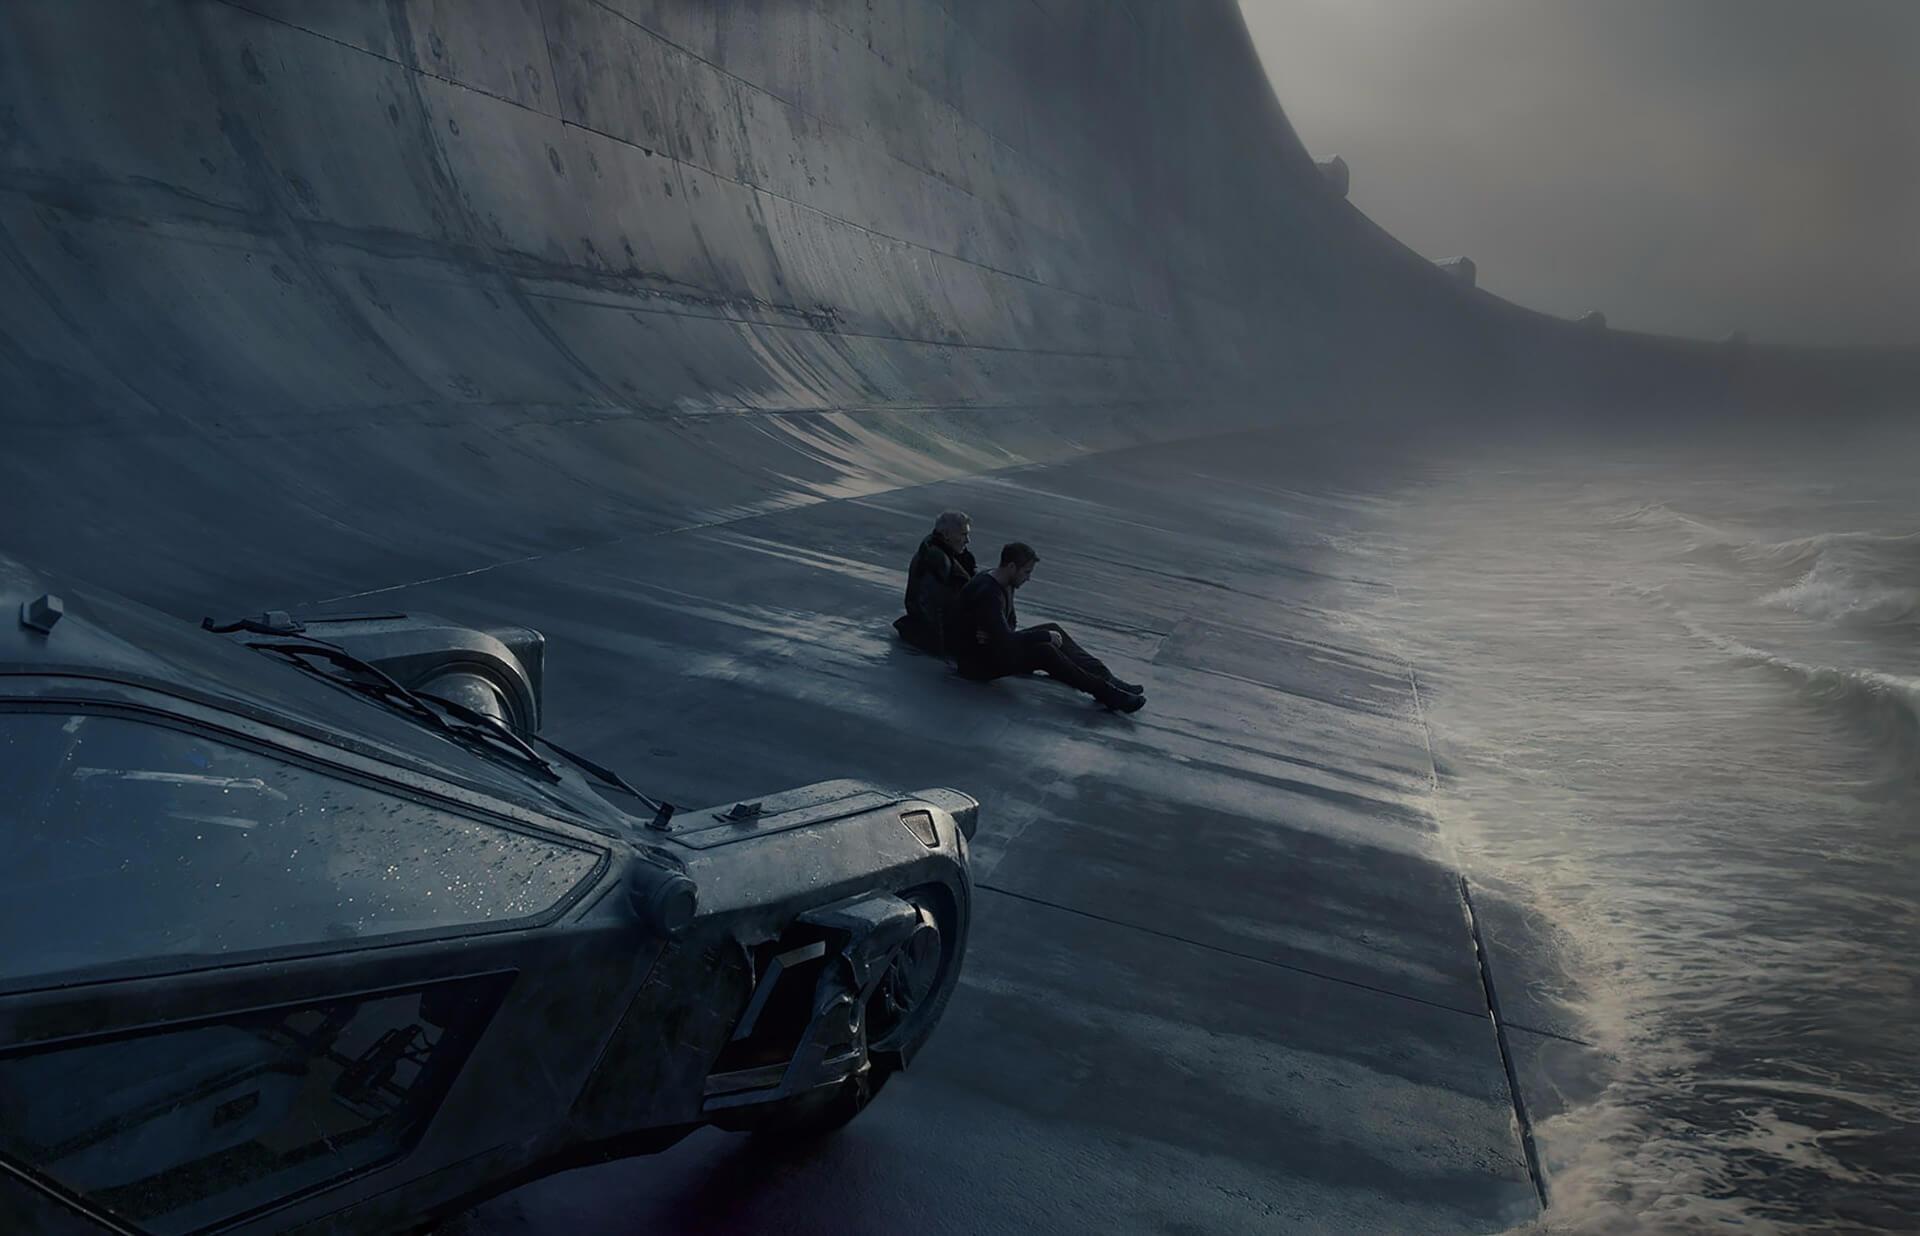 Blade Runner 2049 Still Movie Essay